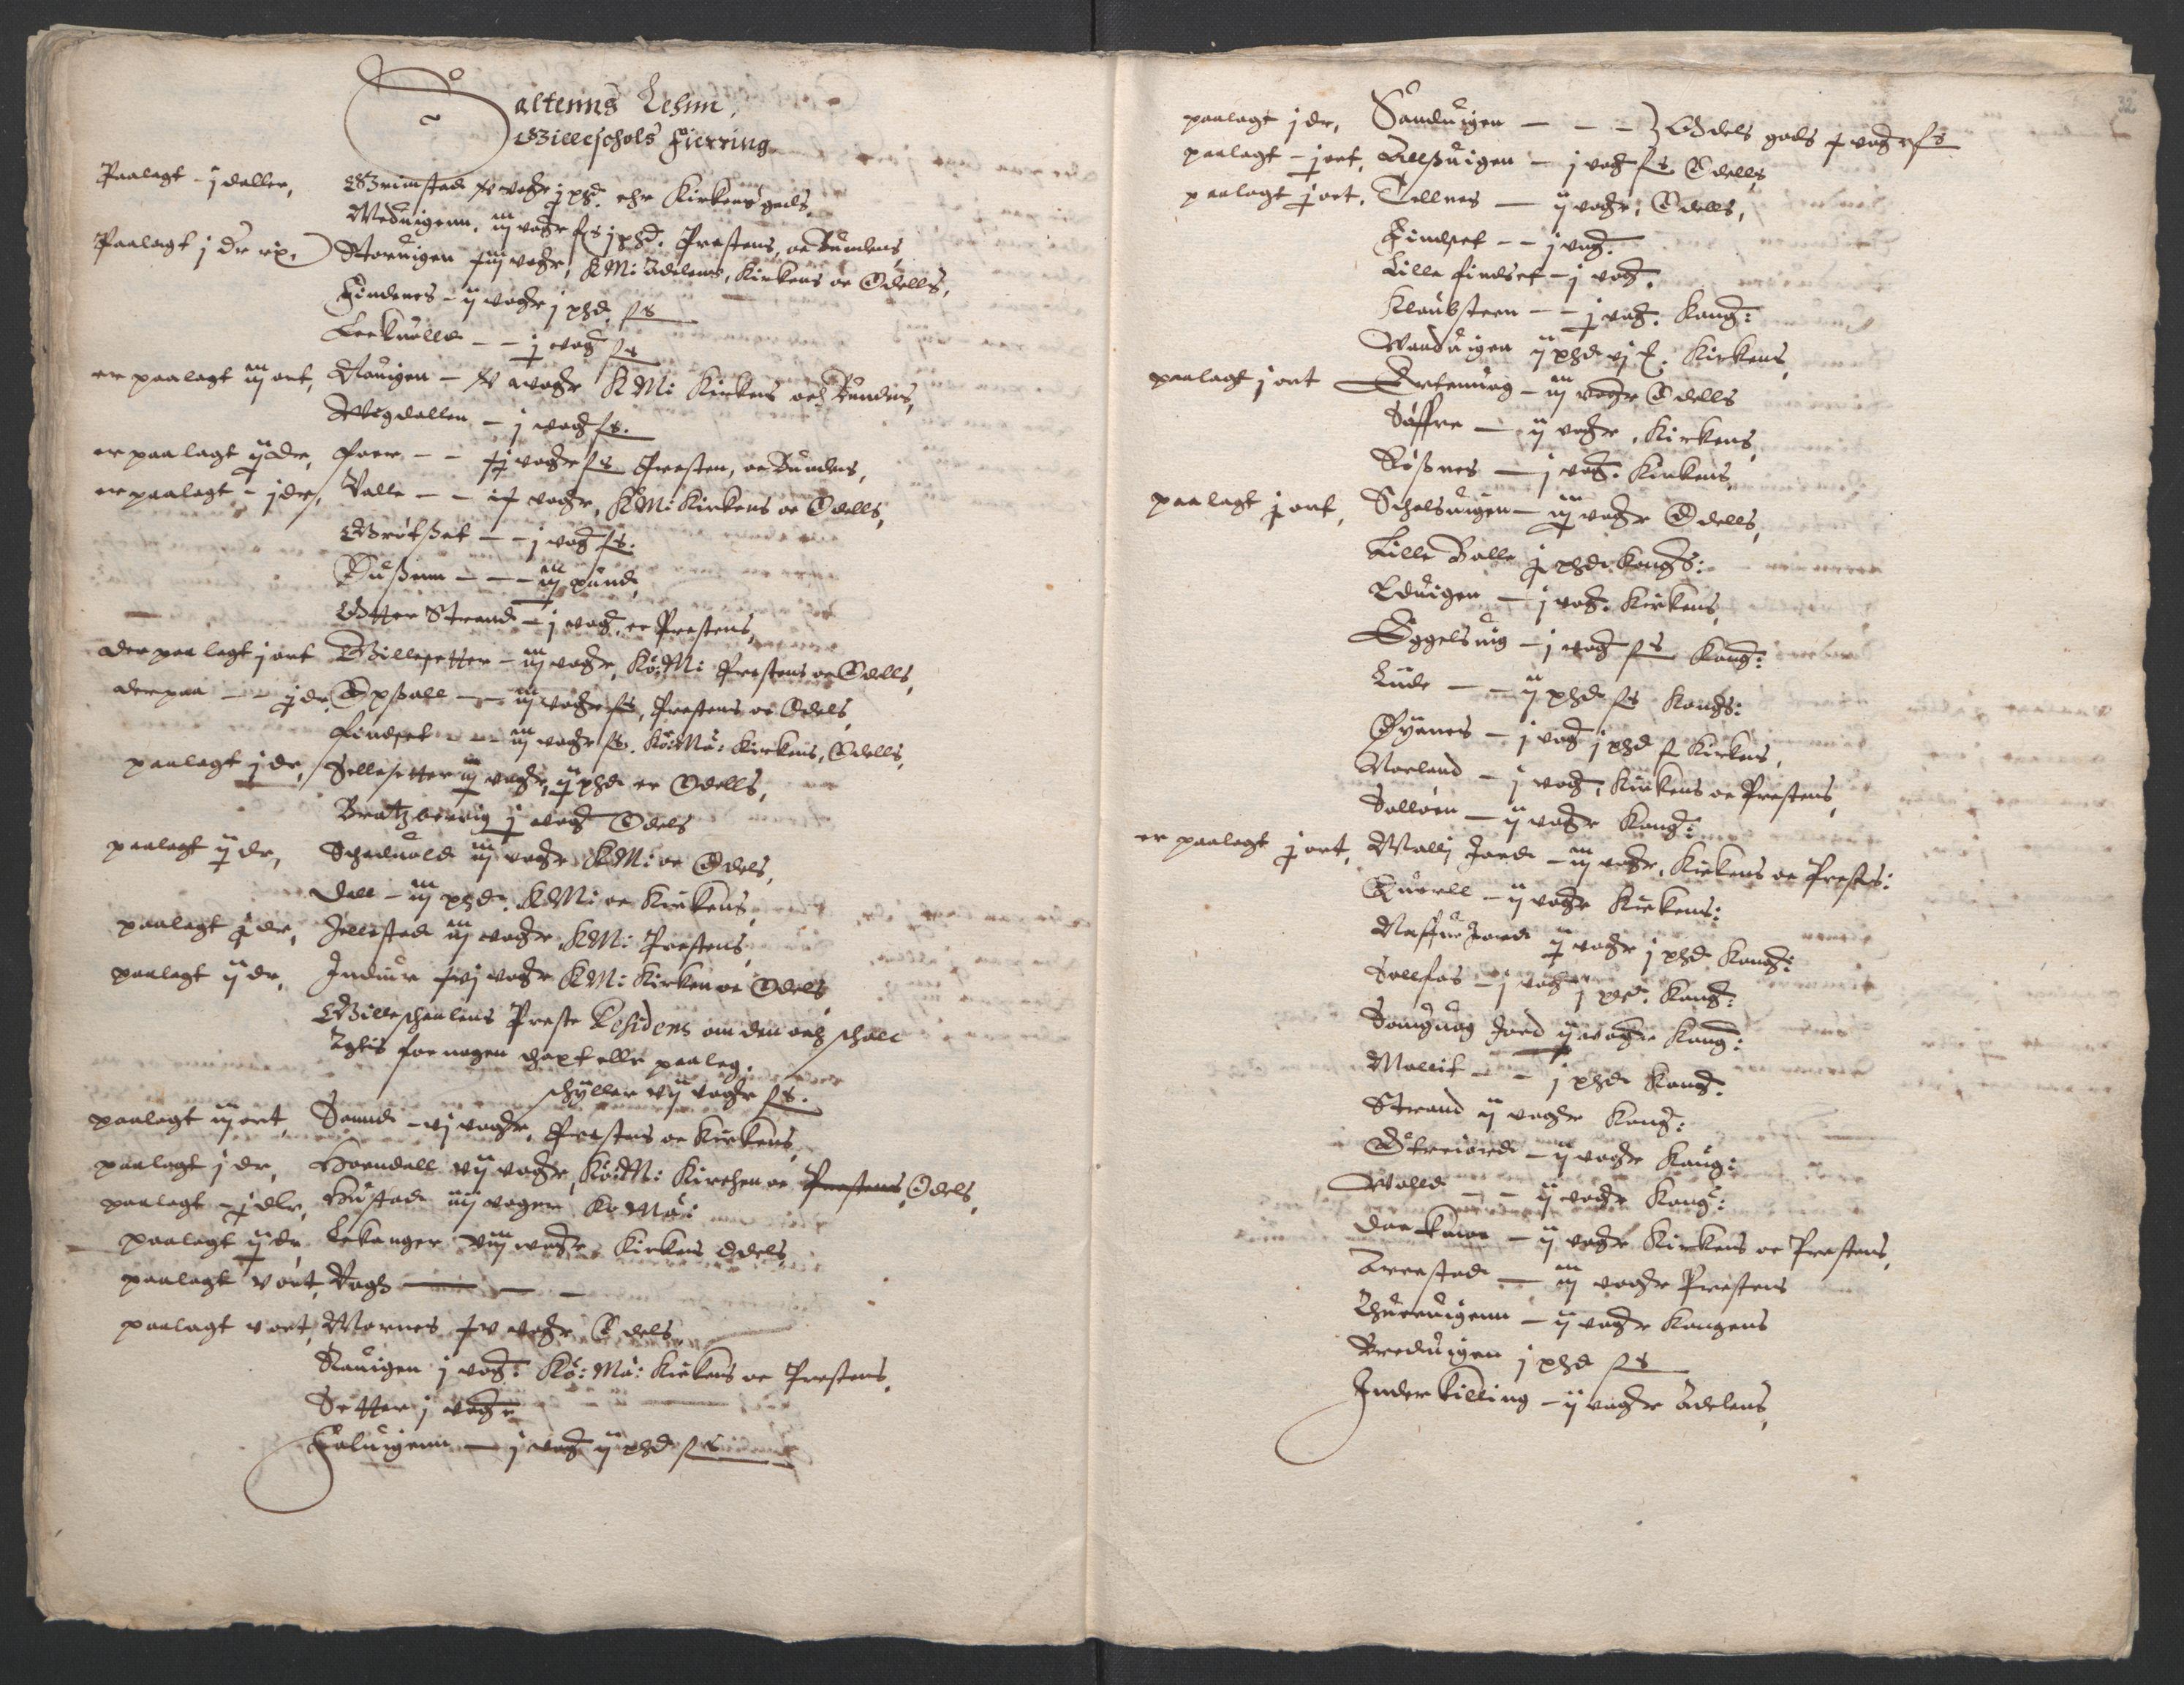 RA, Stattholderembetet 1572-1771, Ek/L0006: Jordebøker til utlikning av garnisonsskatt 1624-1626:, 1626, s. 34